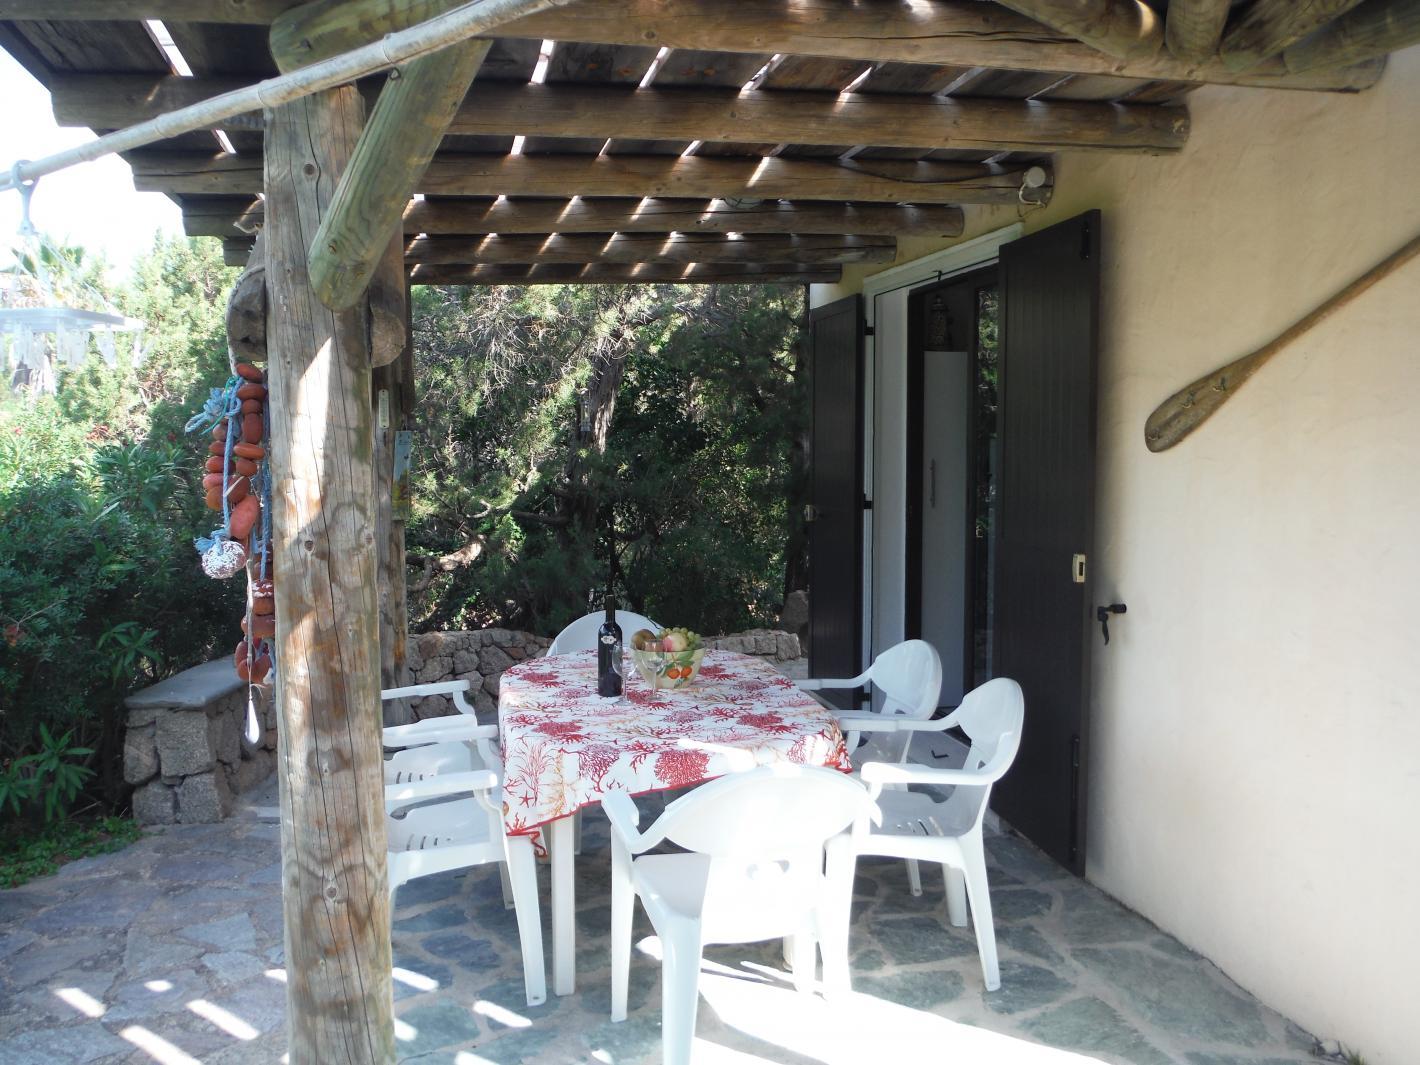 location santa giulia proche plage villa individuelle porto vecchio. Black Bedroom Furniture Sets. Home Design Ideas